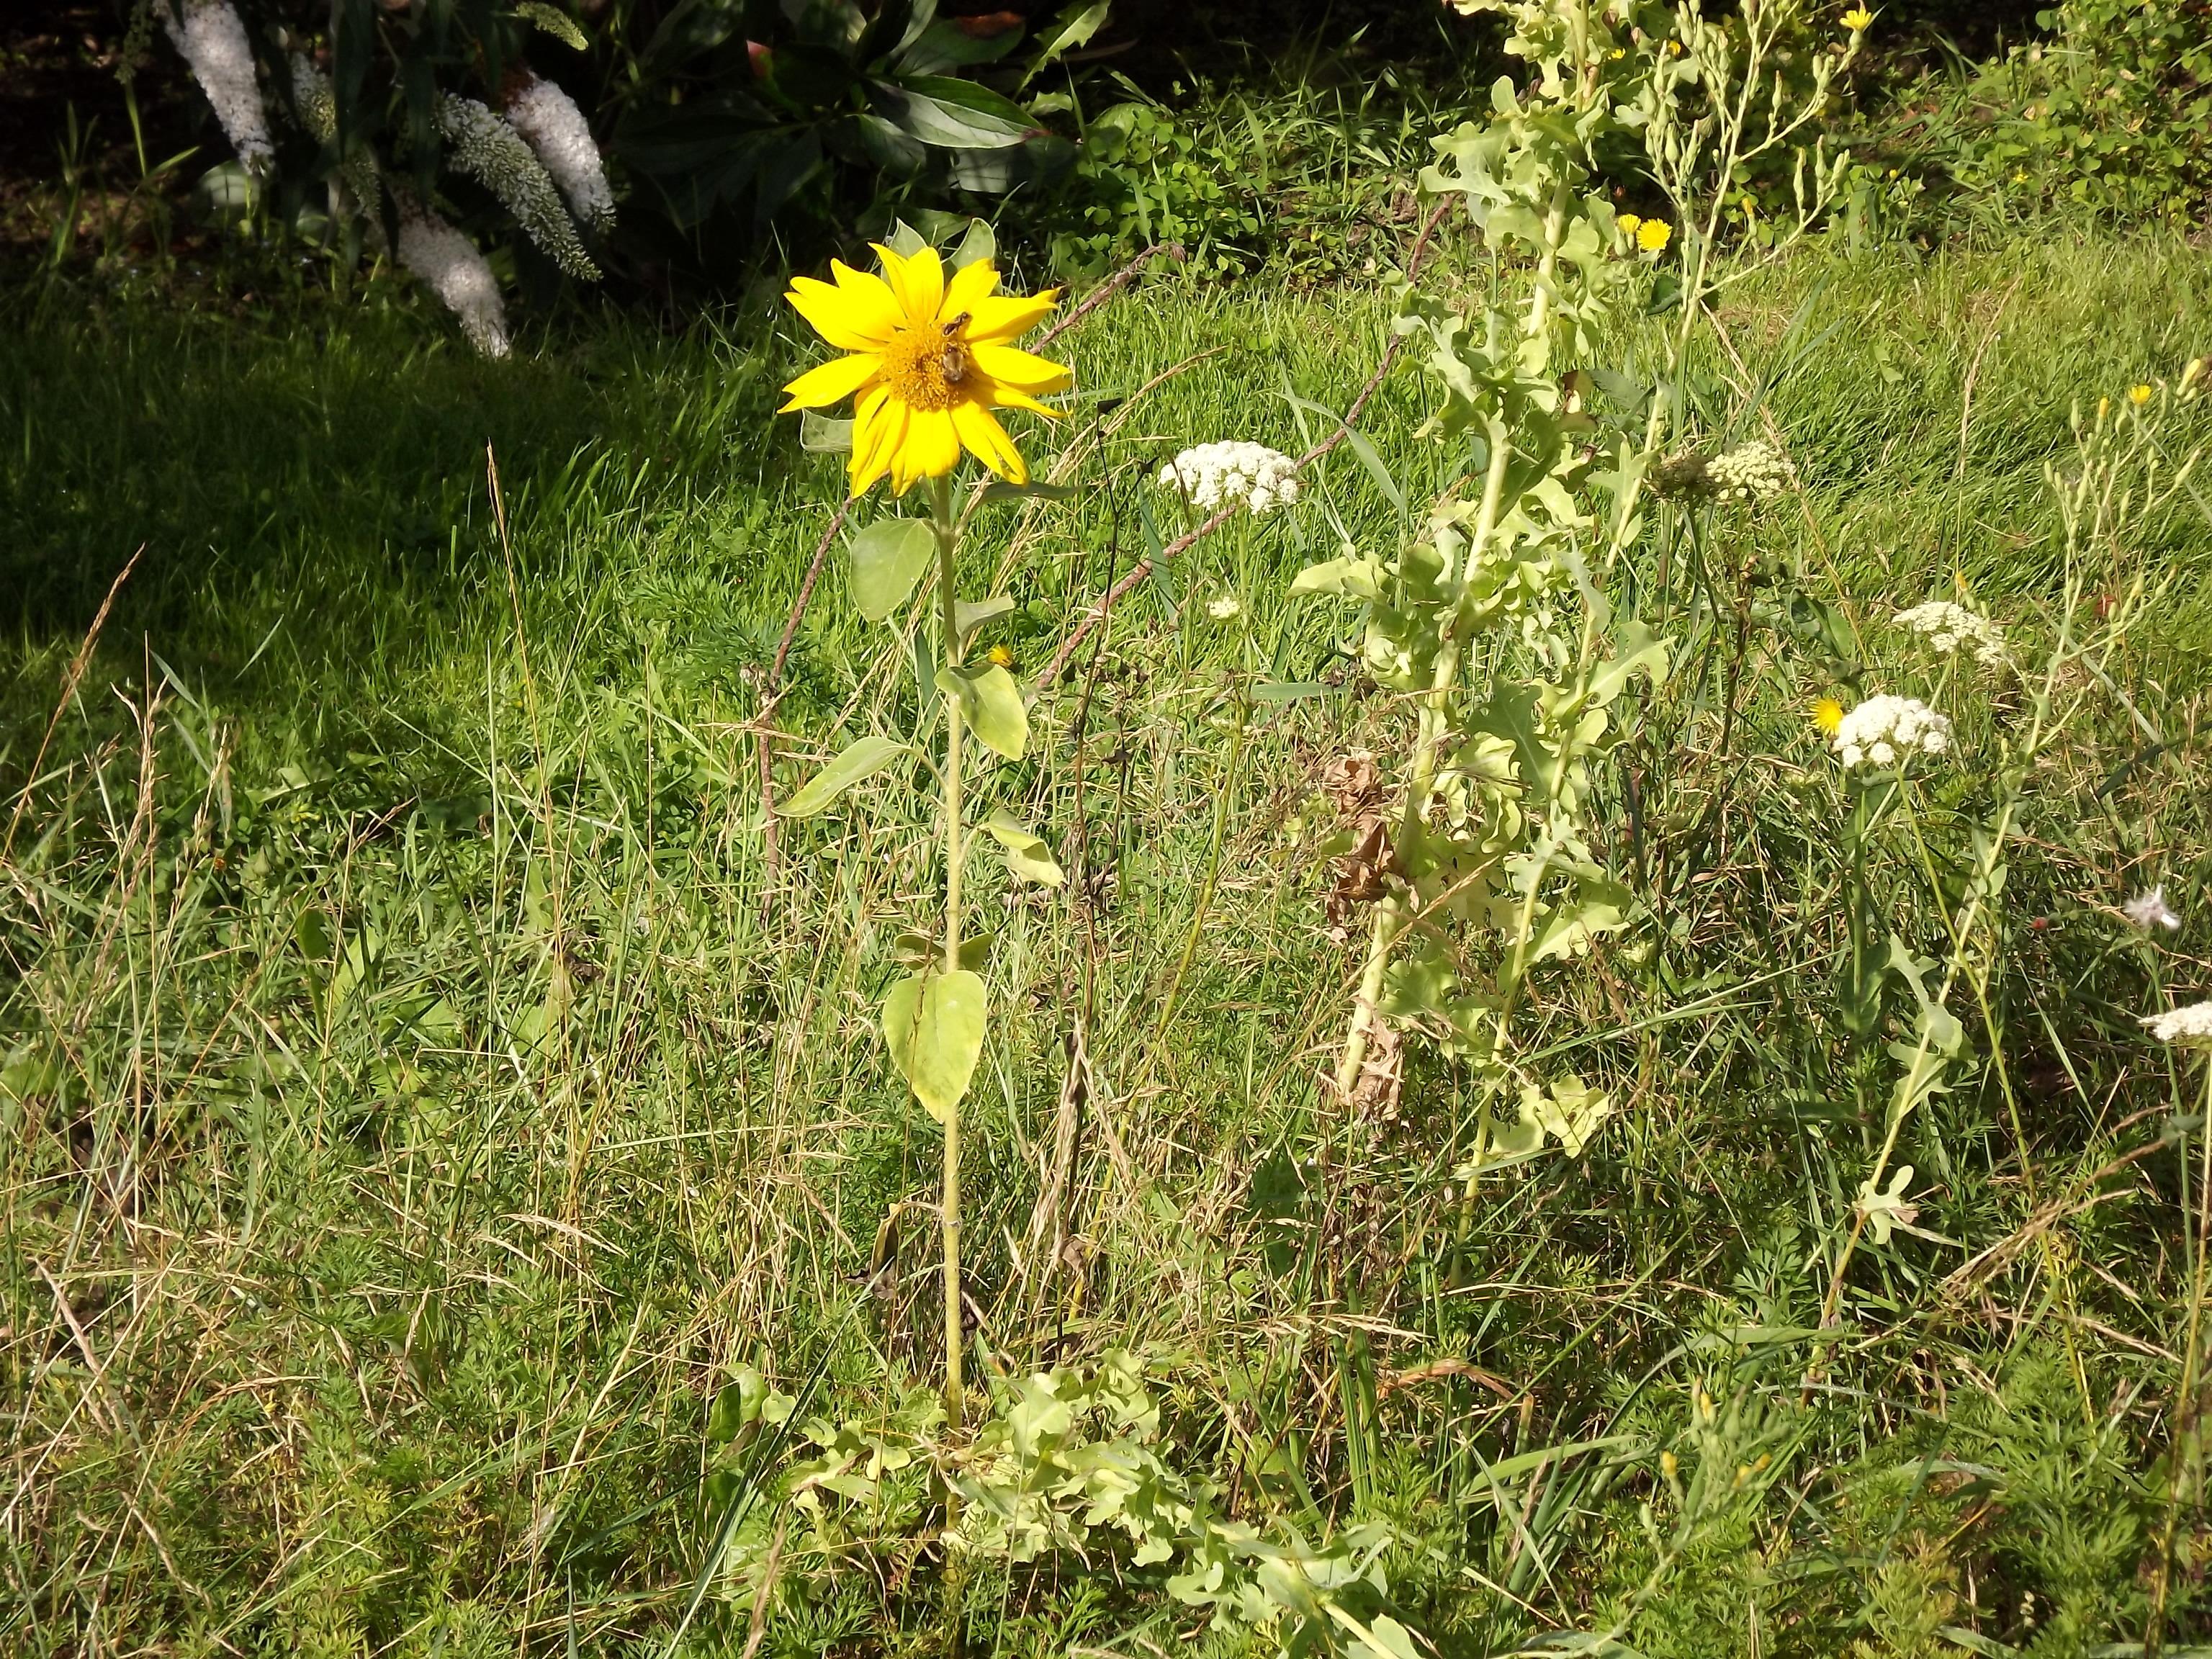 6410-klein-sonnenblume-wiese